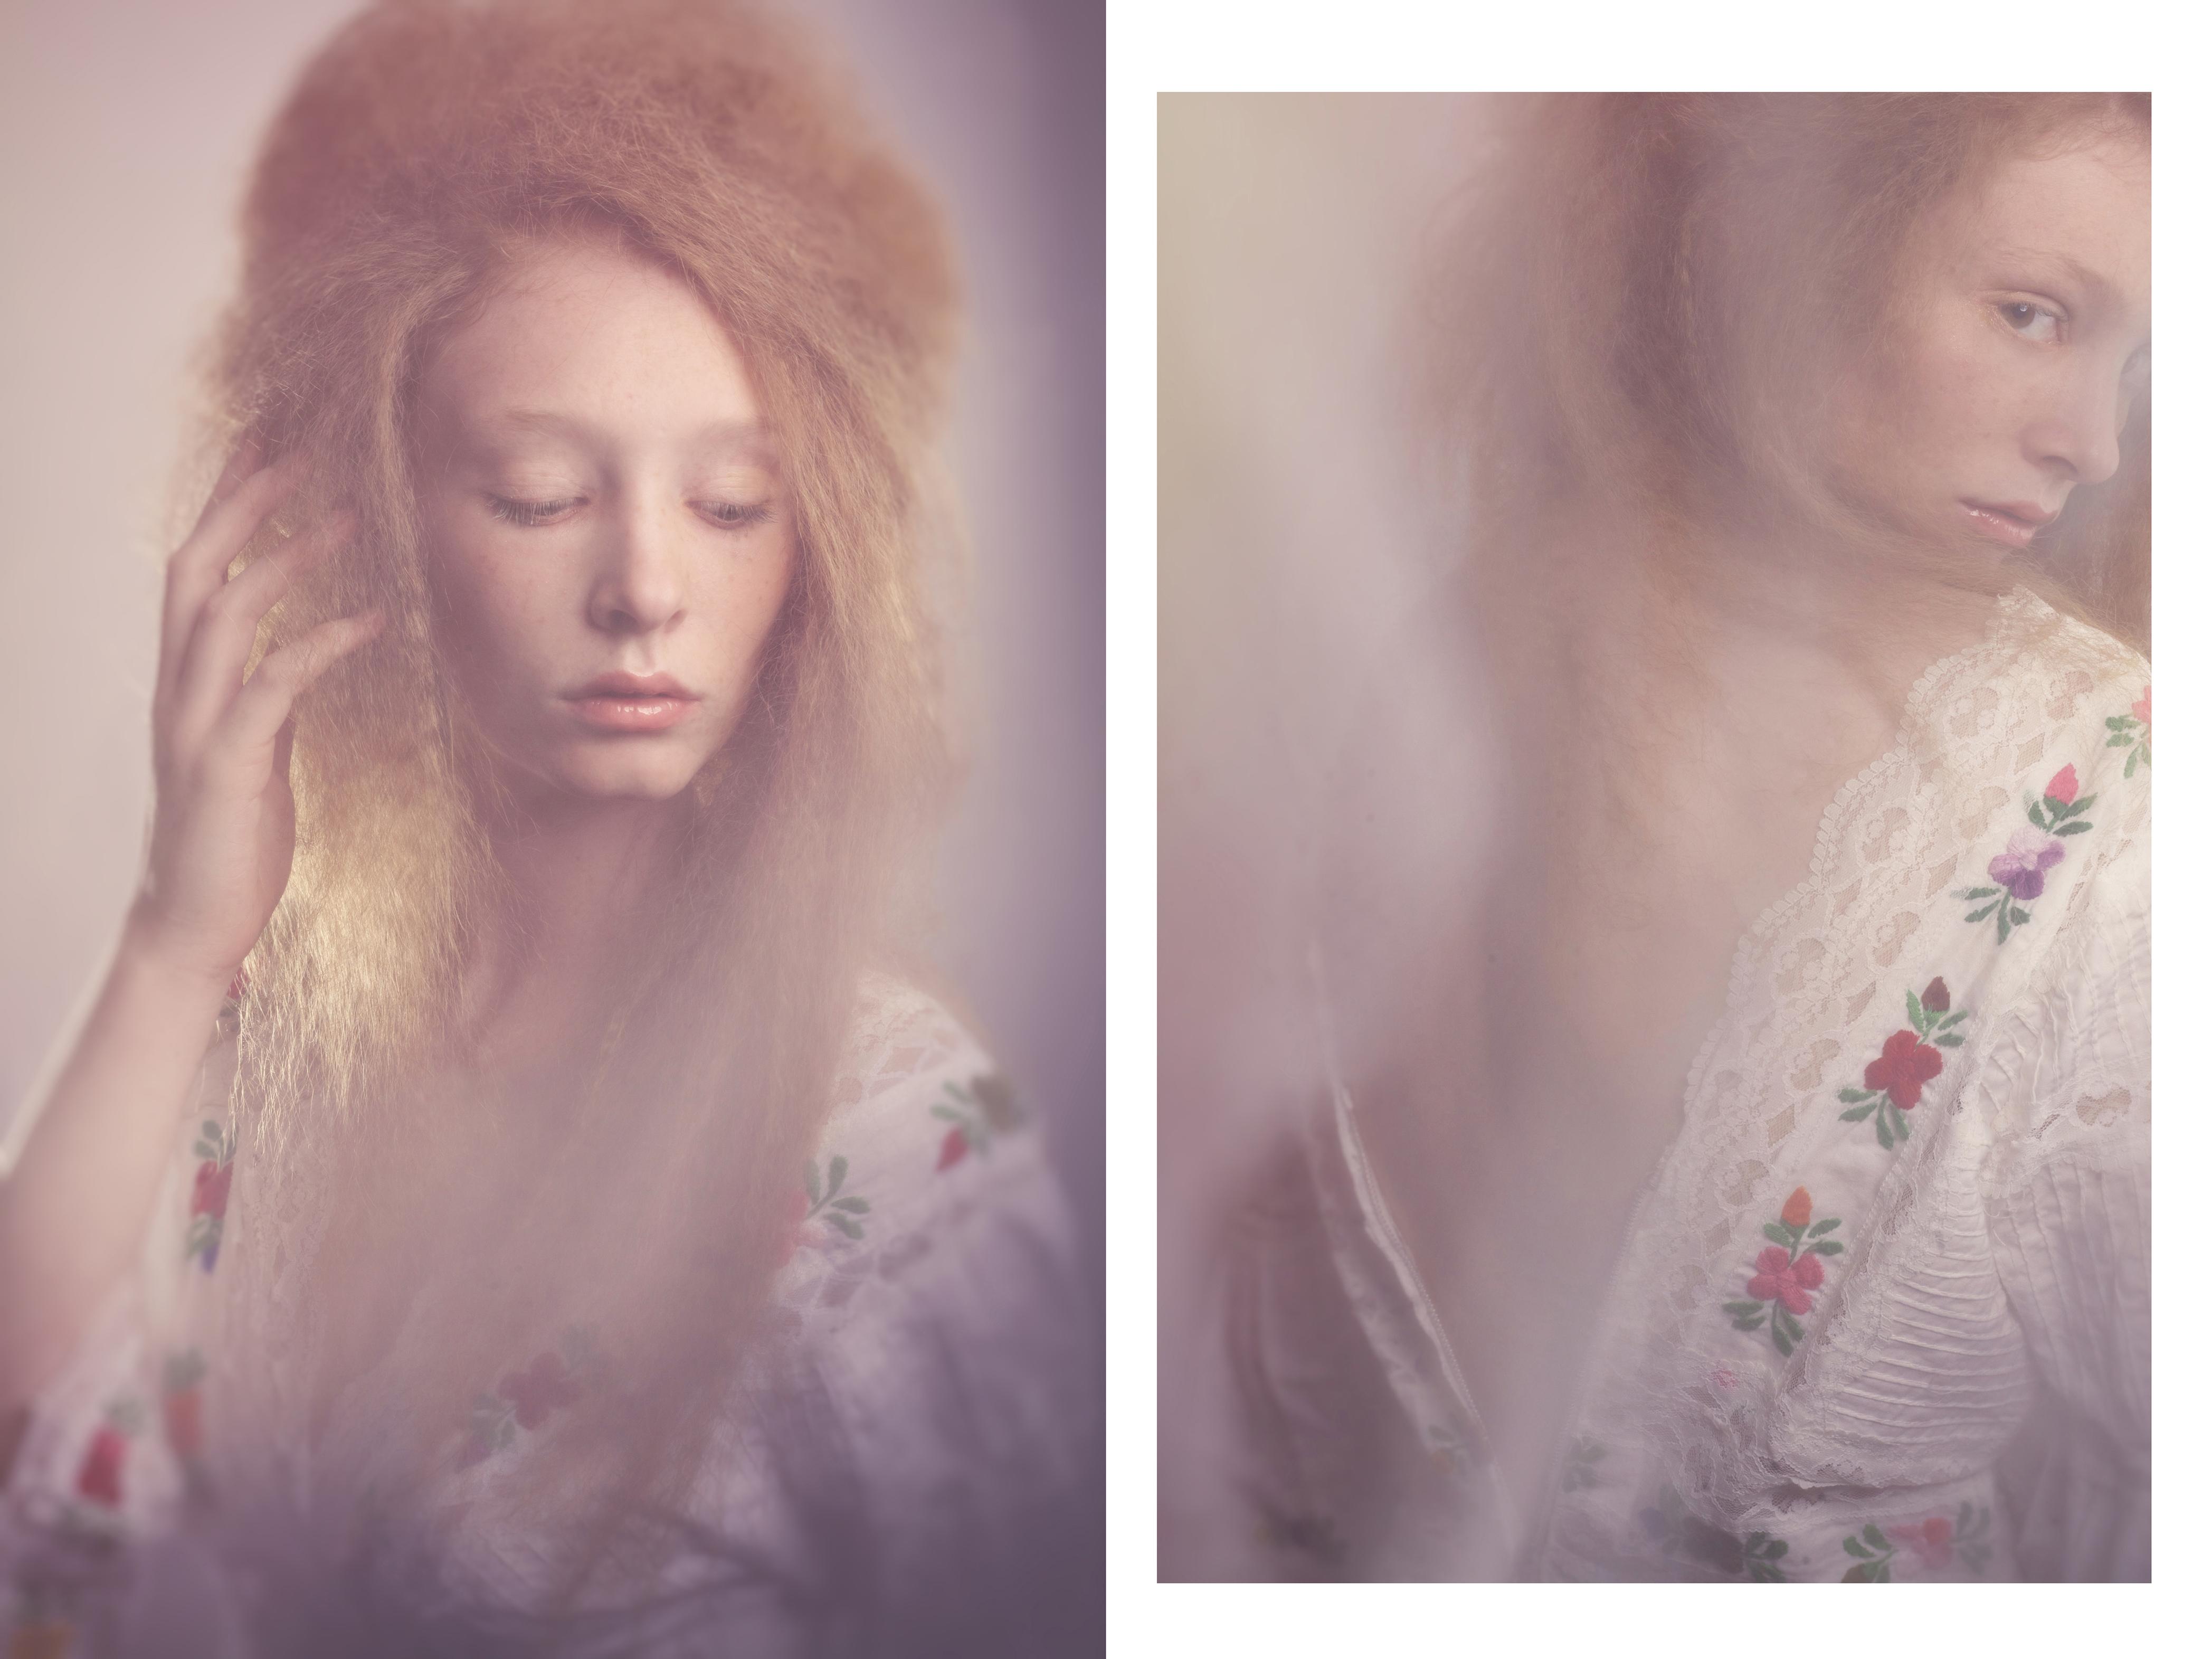 photographe paris tours mode beaute portrait femme book2